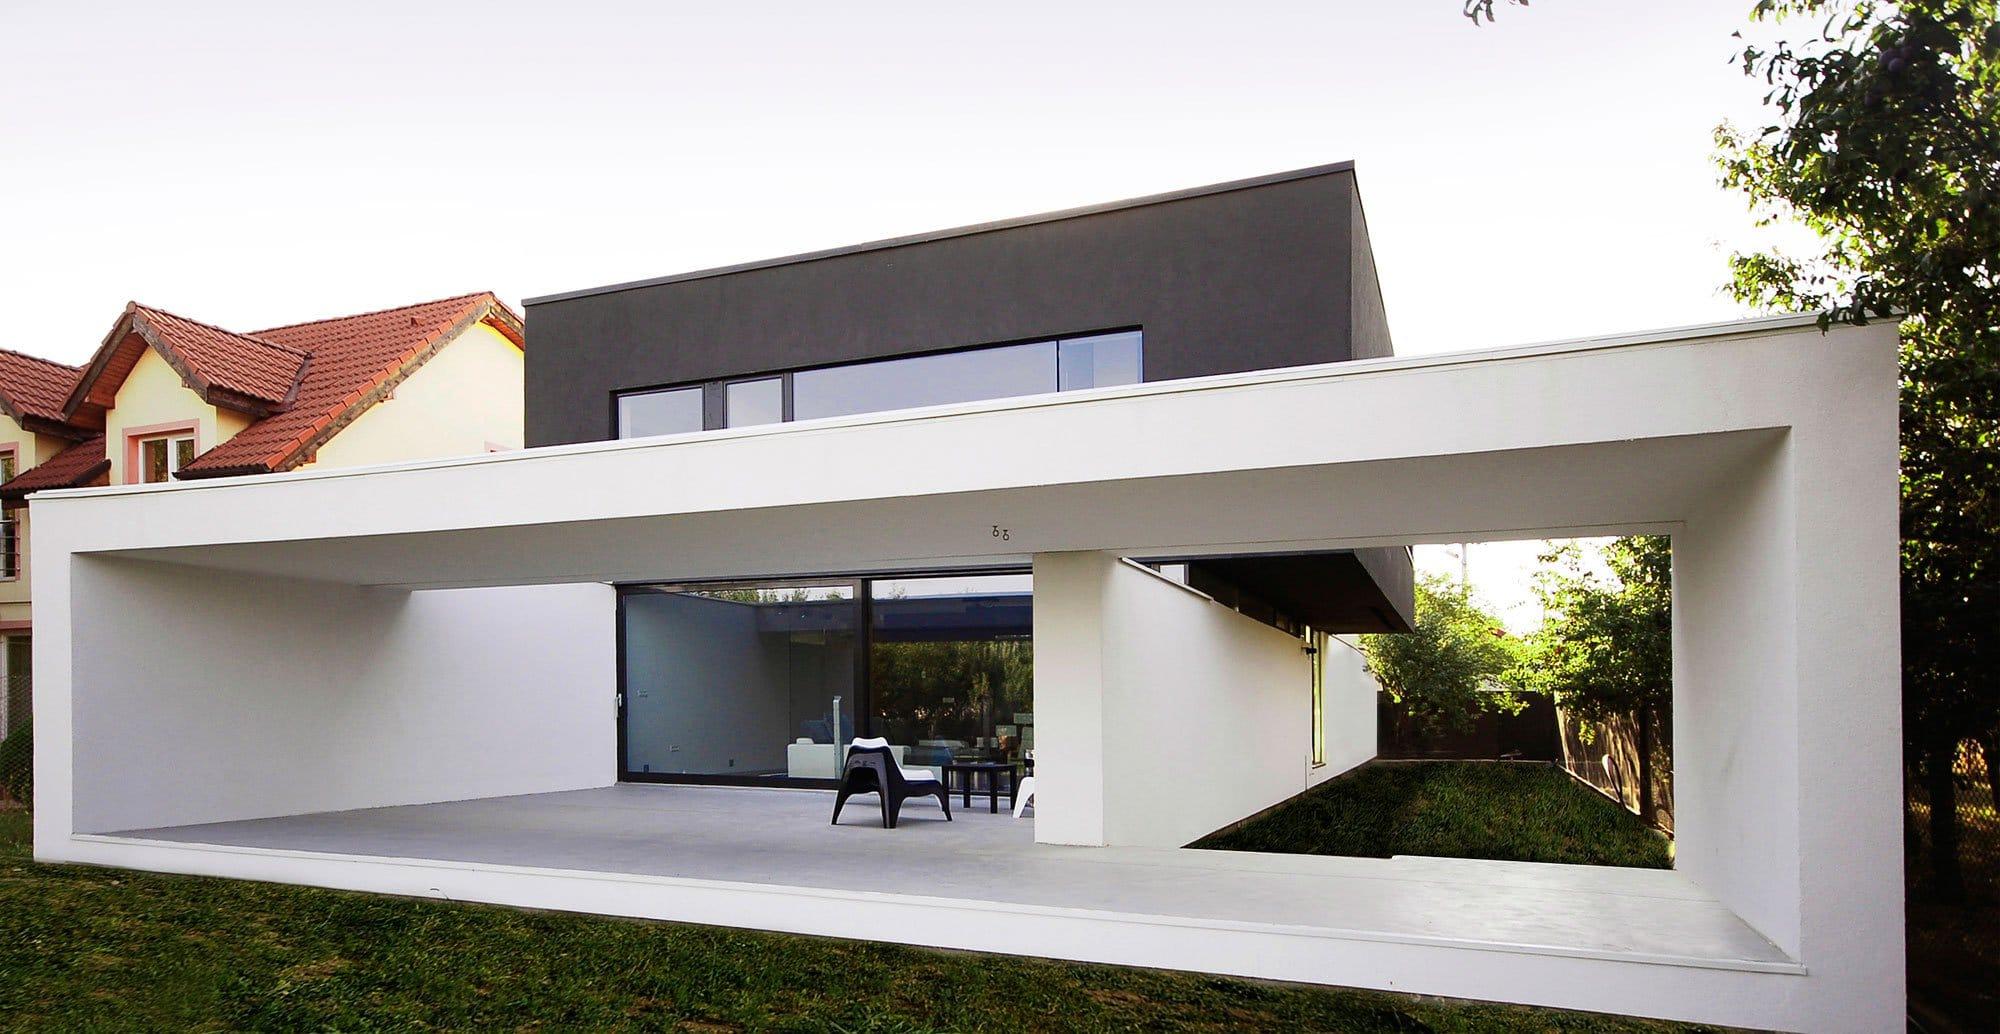 diseo de casa moderna de dos pisos construida en hormign